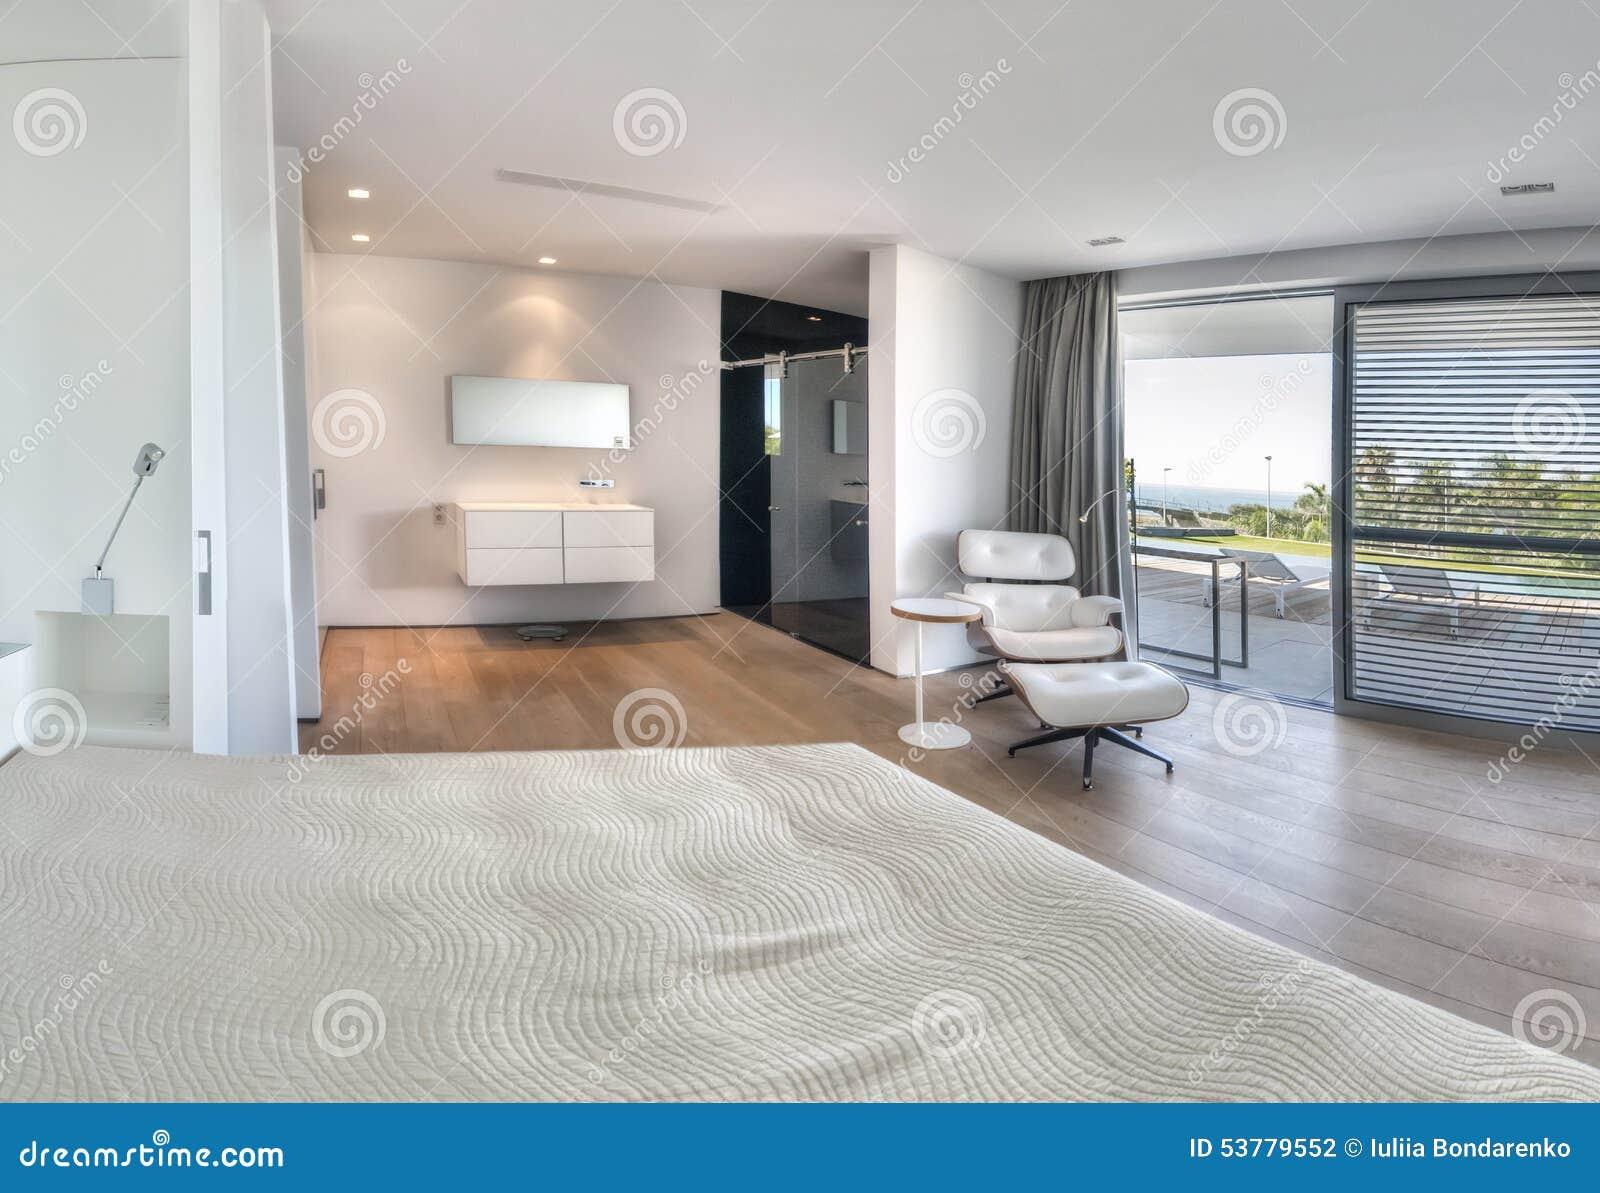 chambre coucher blanche moderne avec la salle de bains